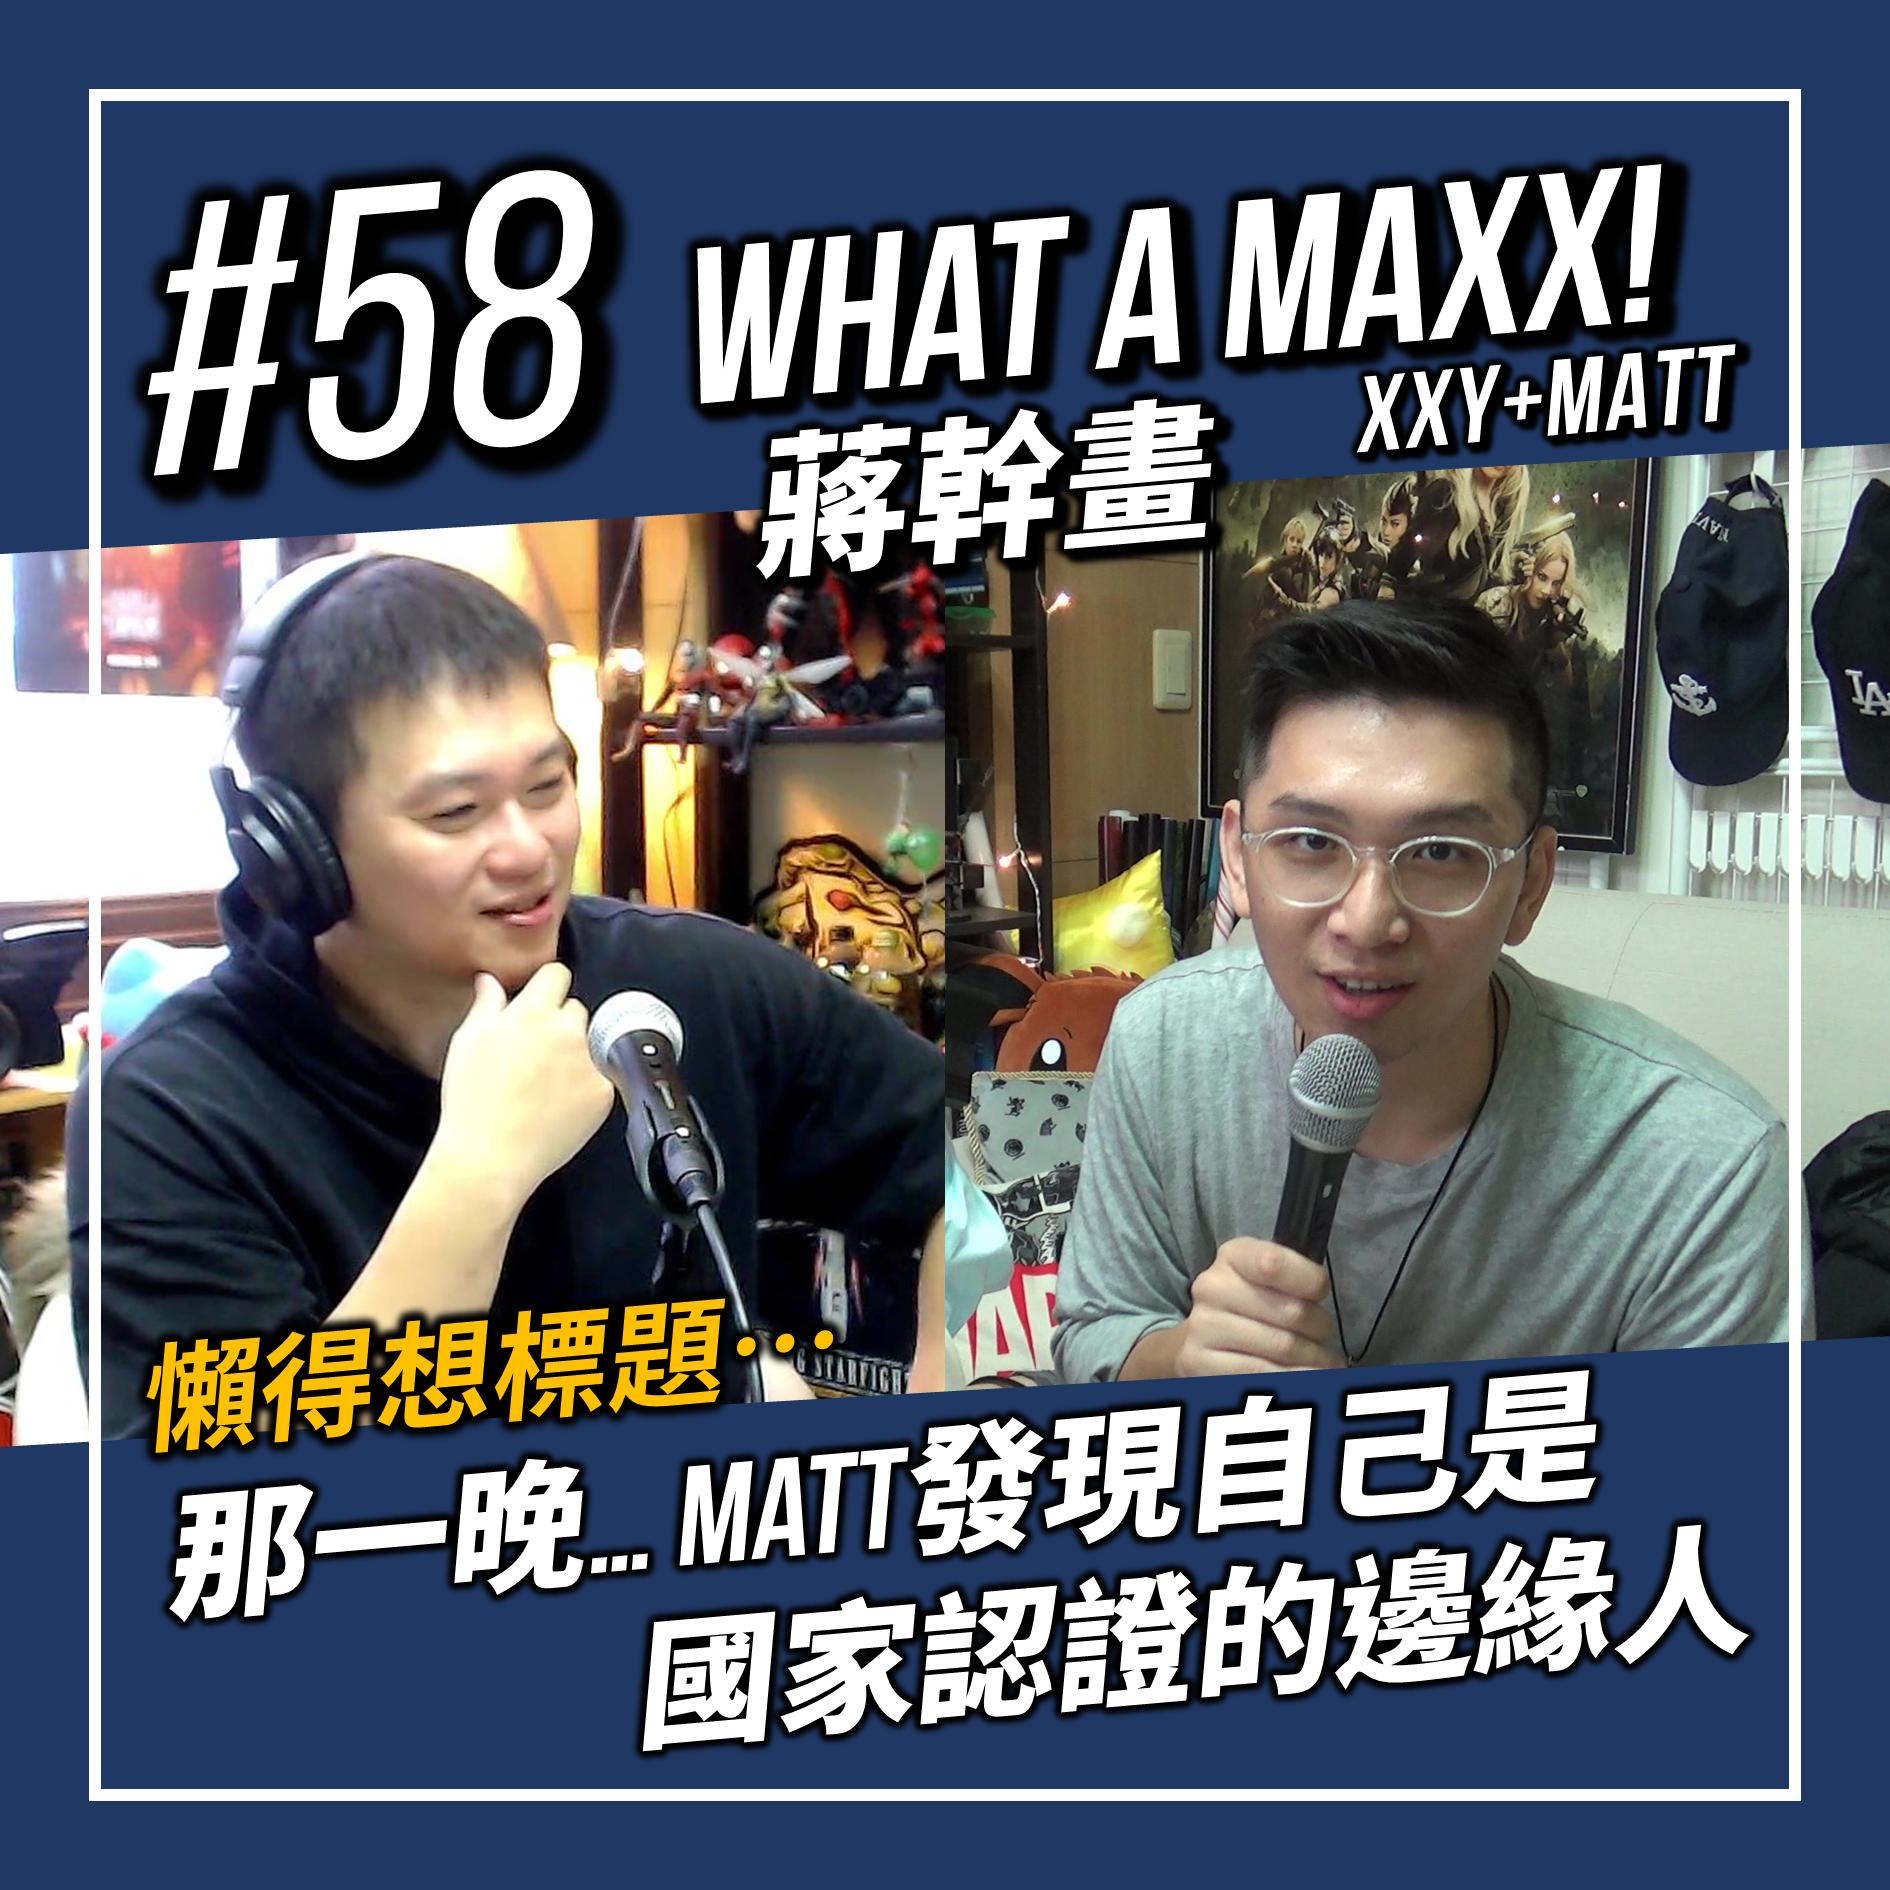 【What A MAXX! 蔣幹畫...懶得想標題... 】#058 - 那一晚... Matt發現自己是國家認證的邊緣人?! | XXY + Matt